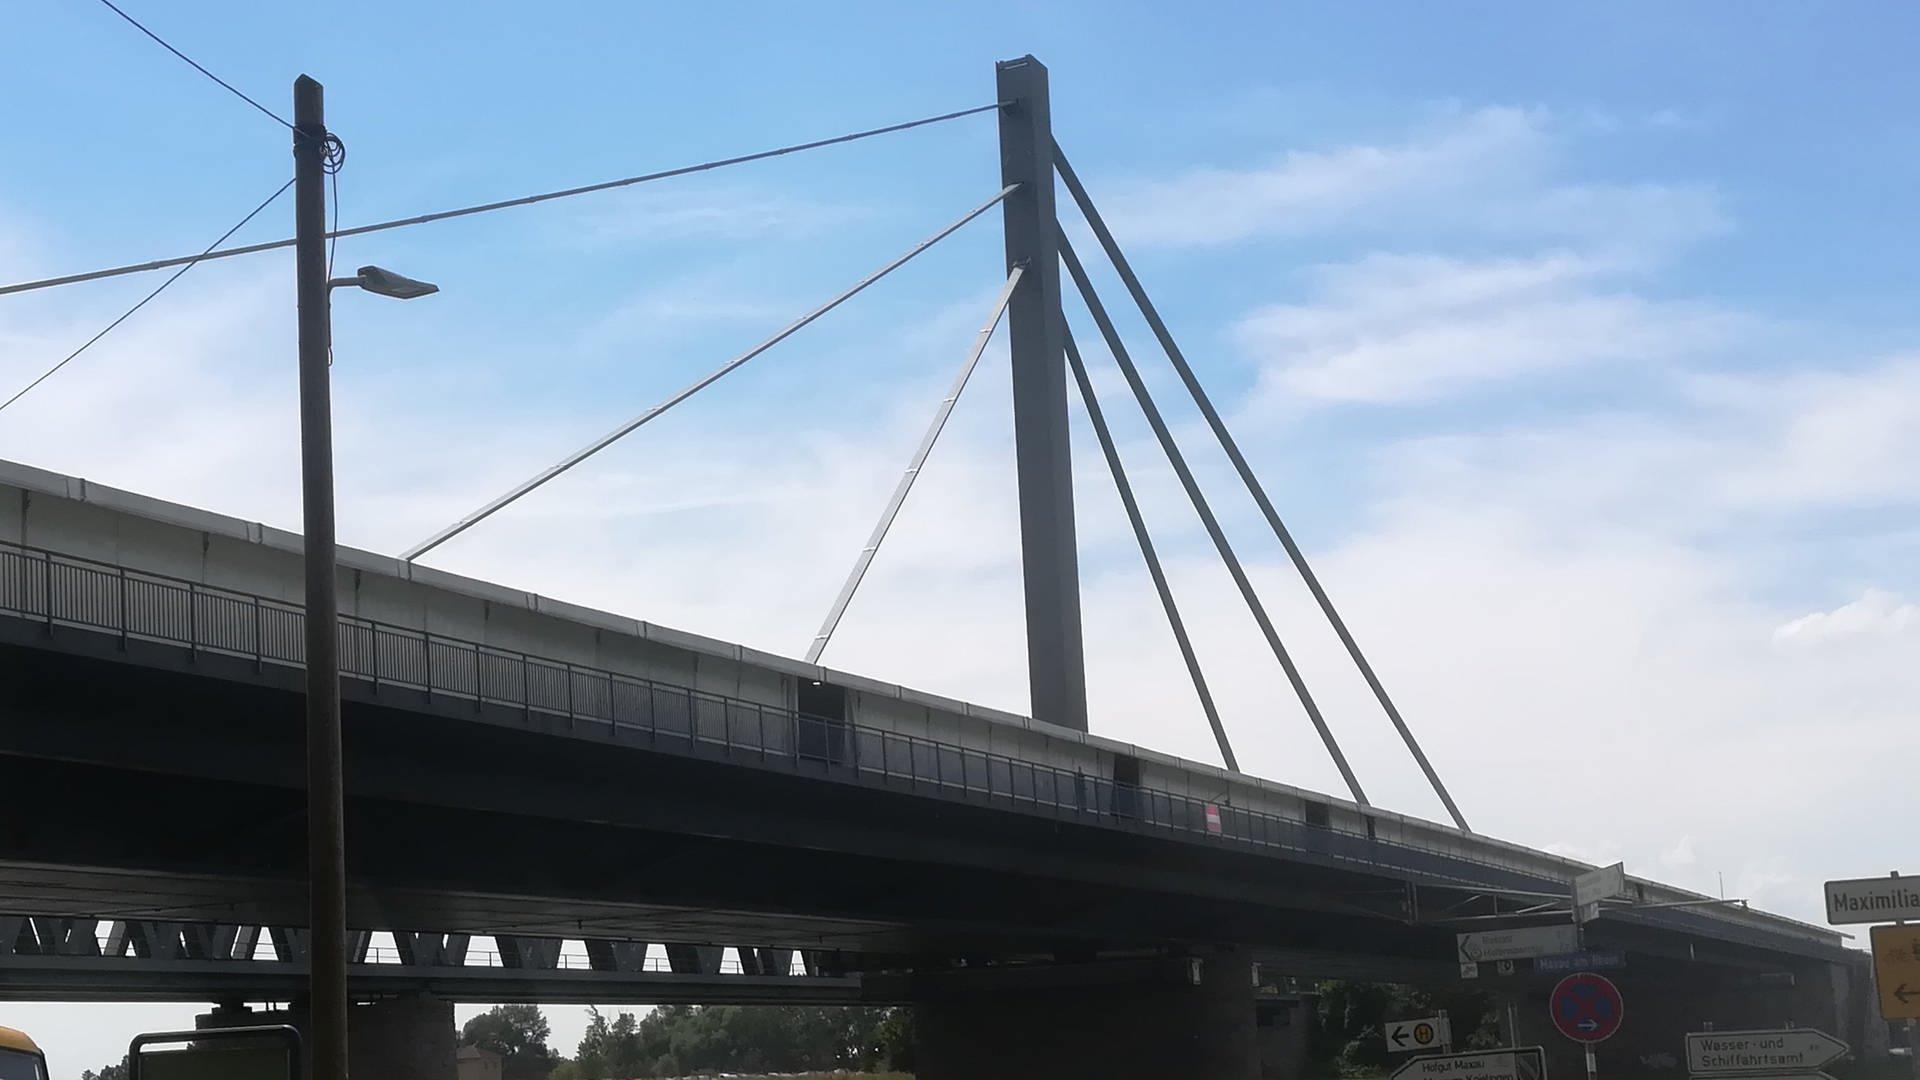 Die Rheinbrücke aus der Perspektive von unten